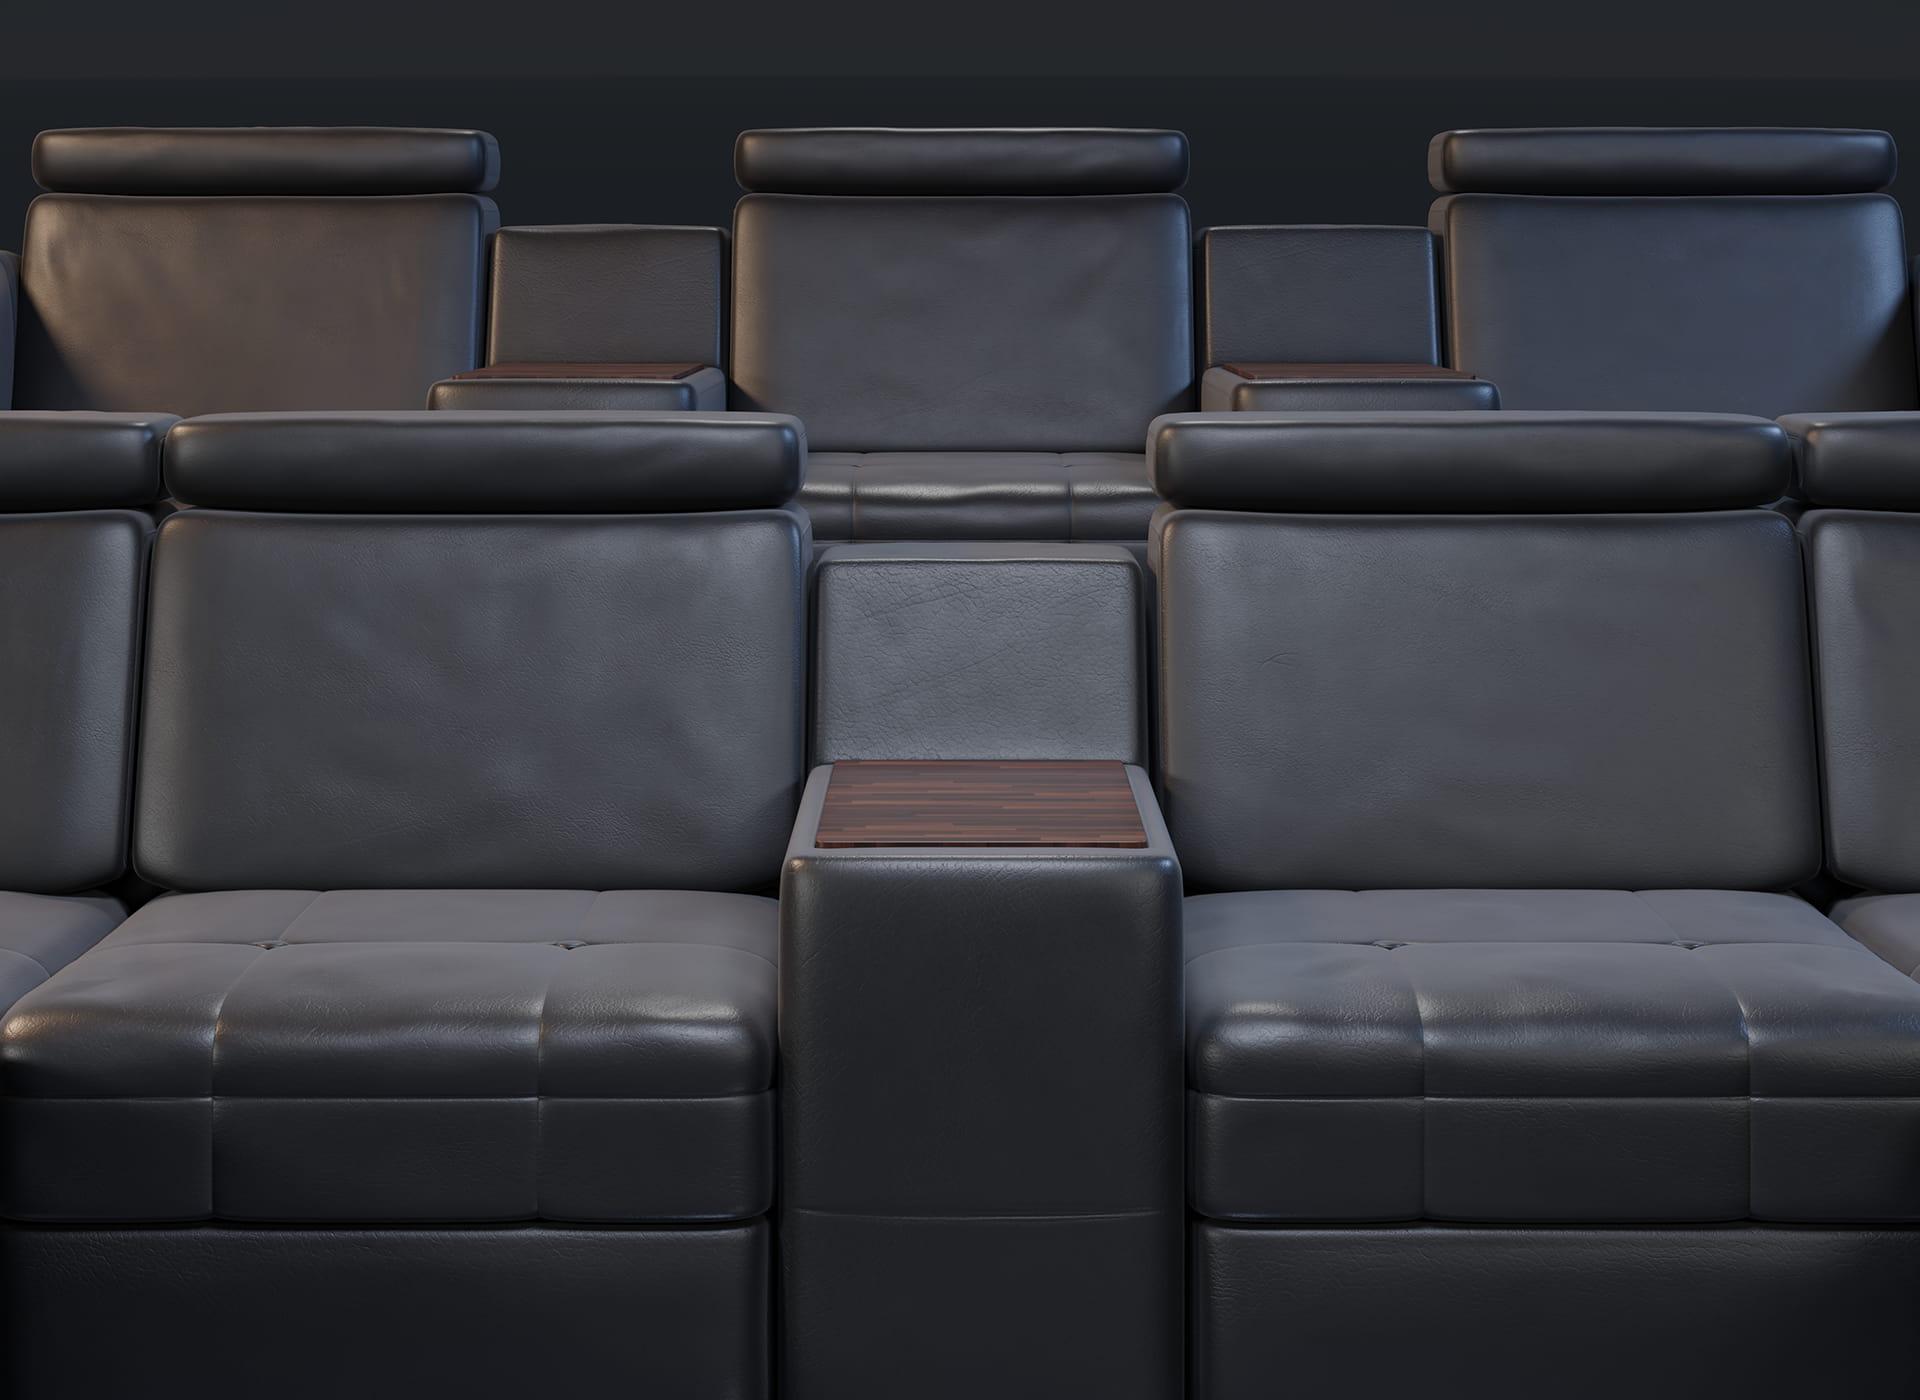 Projekt modelu 3d foteli kinowych / sofa kinowa do kina, czarna skóra oraz wykończenie drewnem - przód